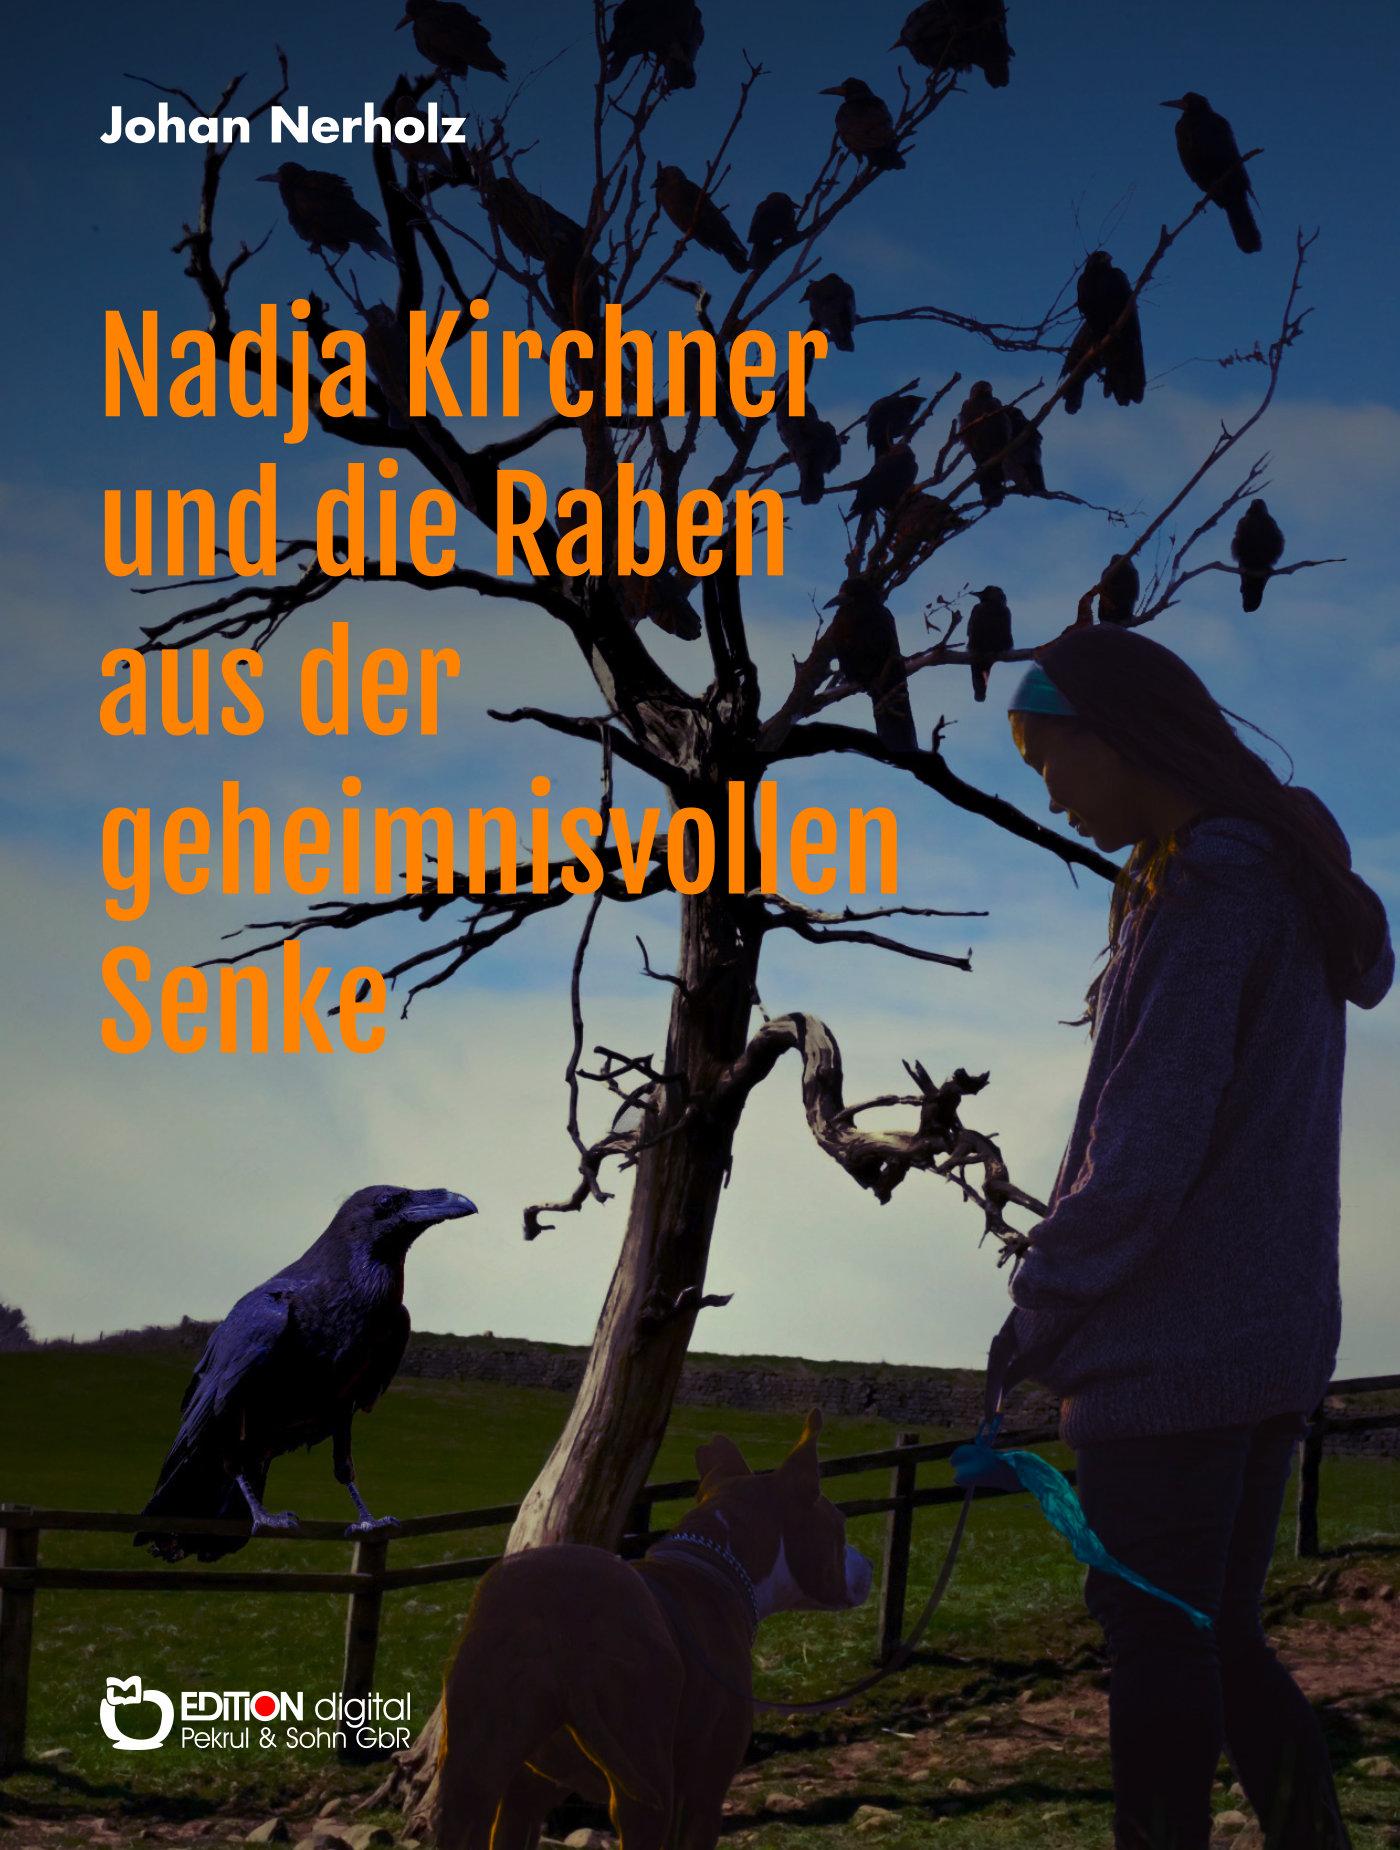 Nadja Kirchner und die Raben aus der geheimnisvollen Senke. Teil 1 der Nadja-Kirchner-Fantasy-Reihe von Johan Nerholz